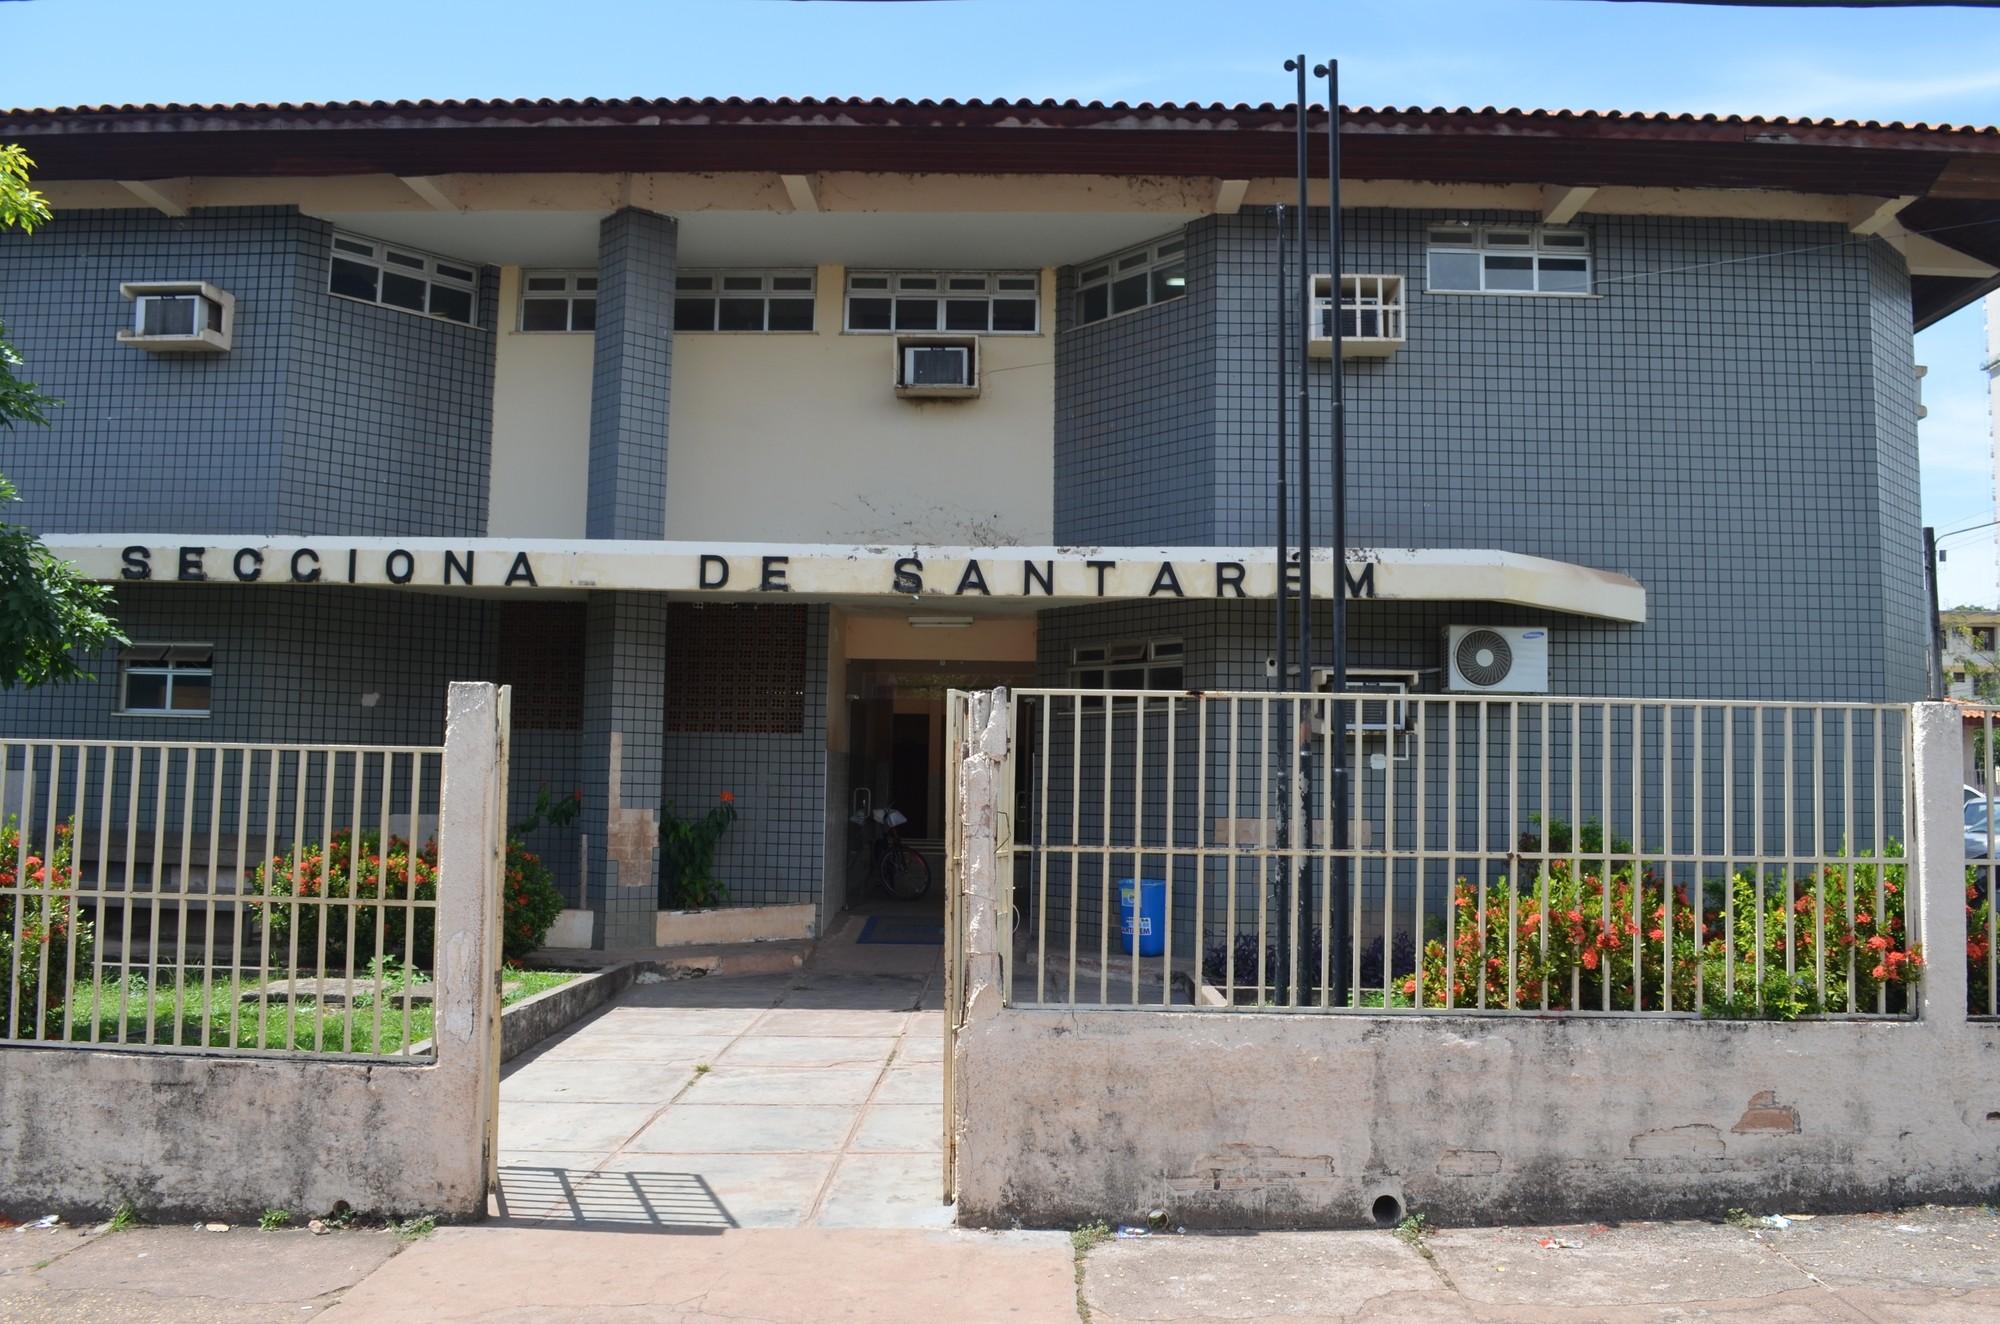 Plantão policial: cumprimento de mandado de prisão, casos de roubo e tráfico de drogas são registrados em Santarém